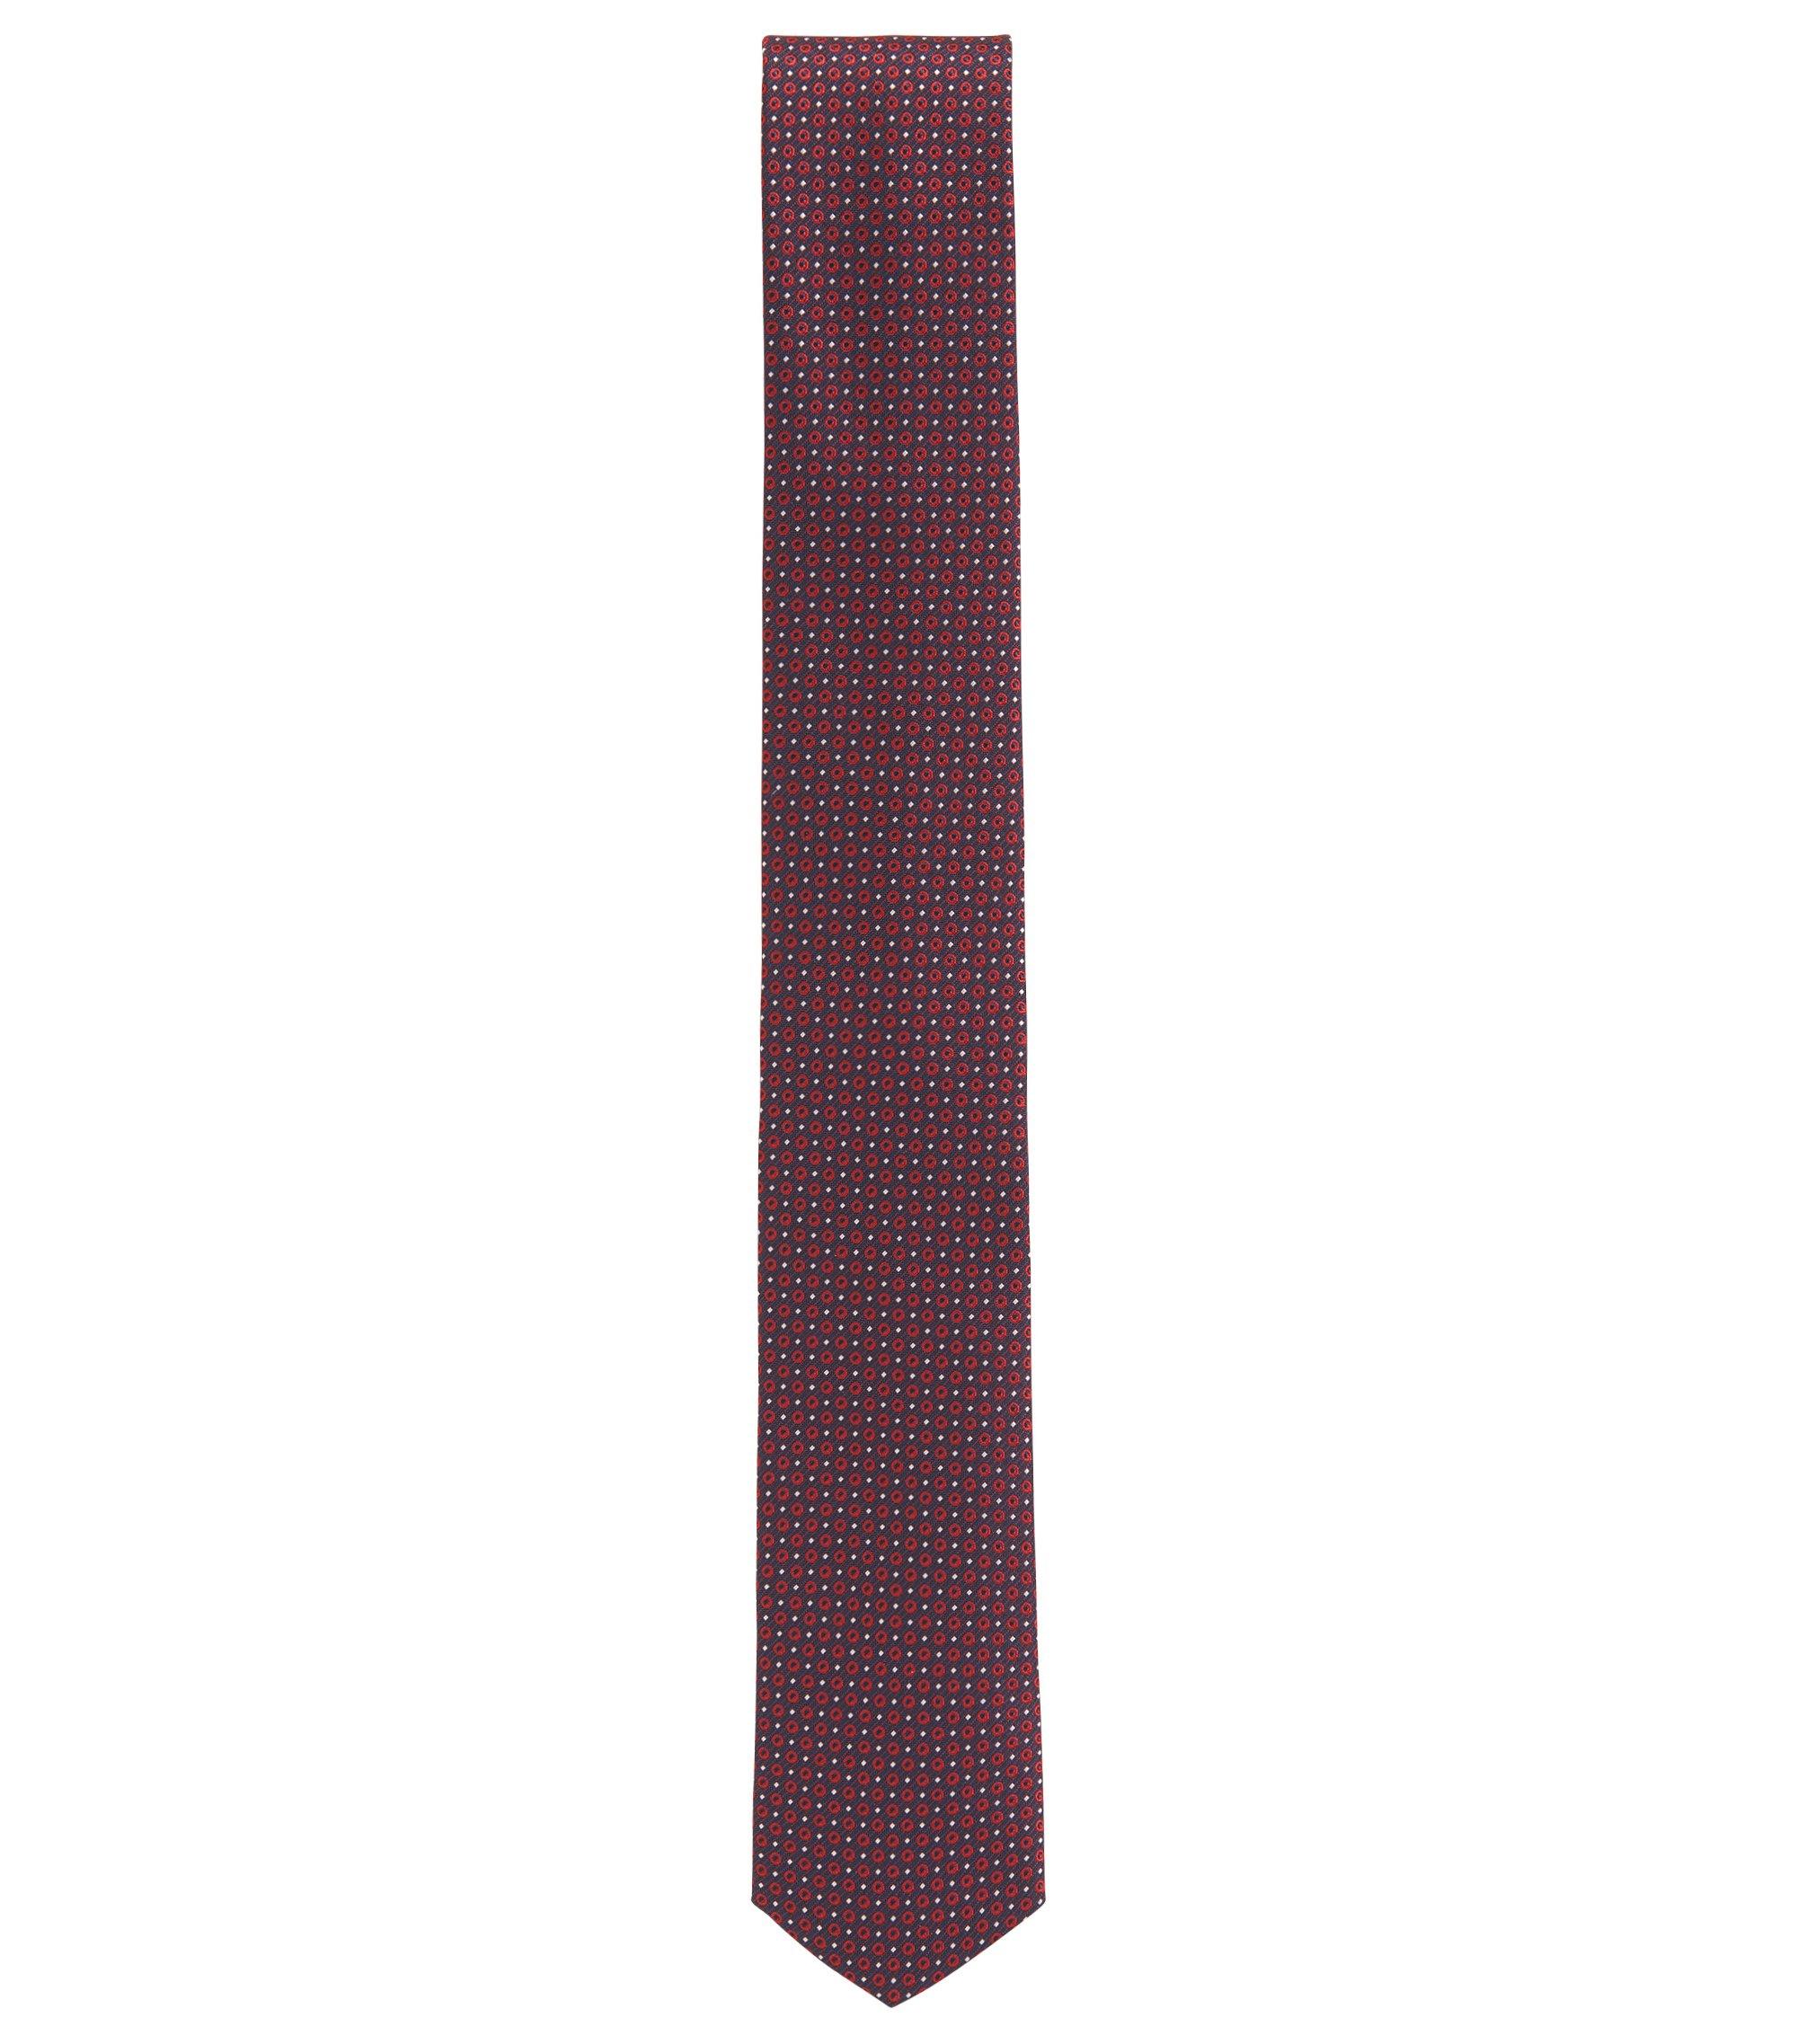 Travel Line Krawatte aus wasserabweisender Seide, Rot